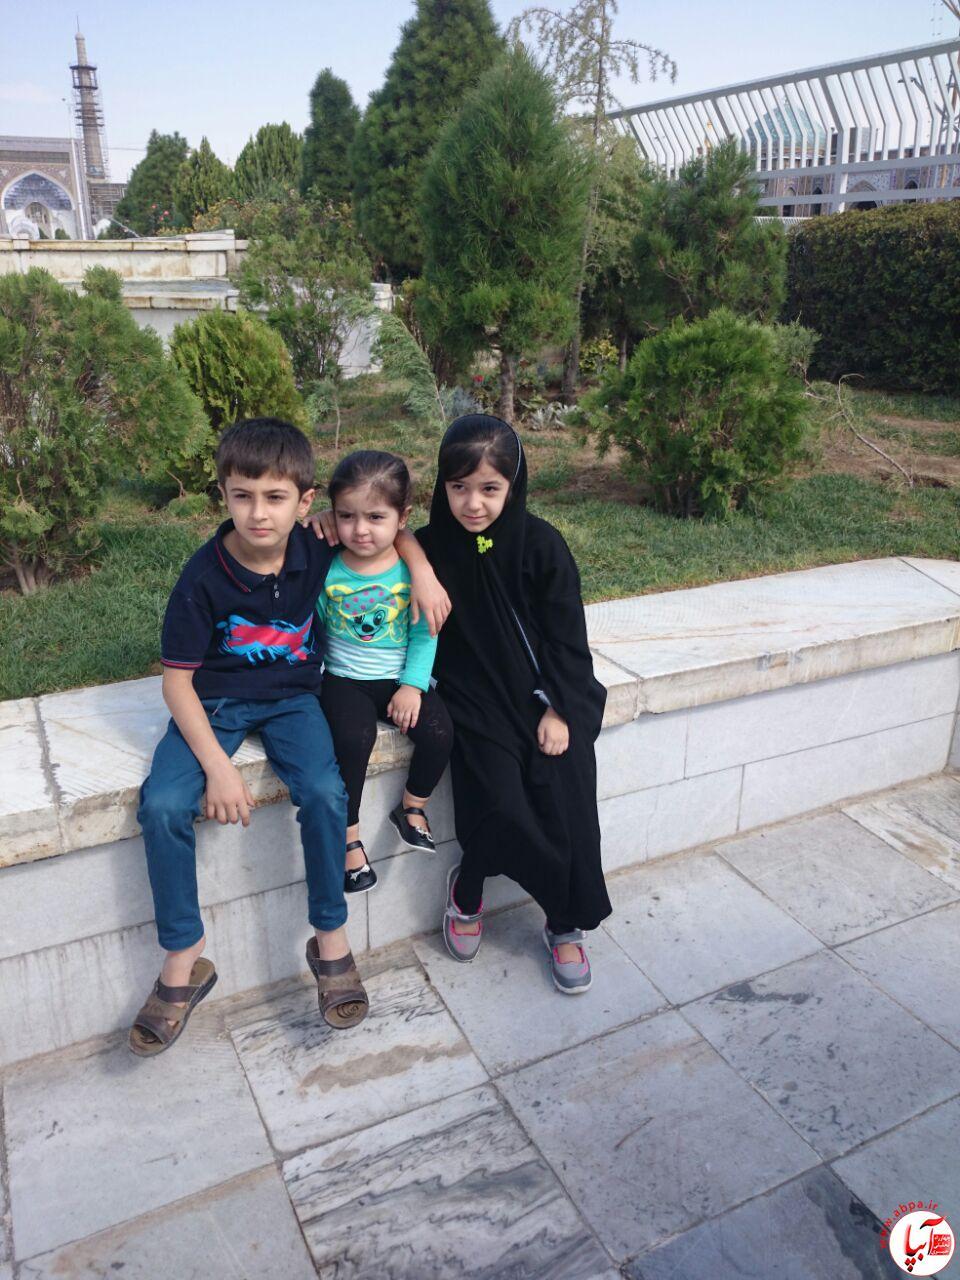 ثنا,یکتا افشاری- علیرضا محمدی